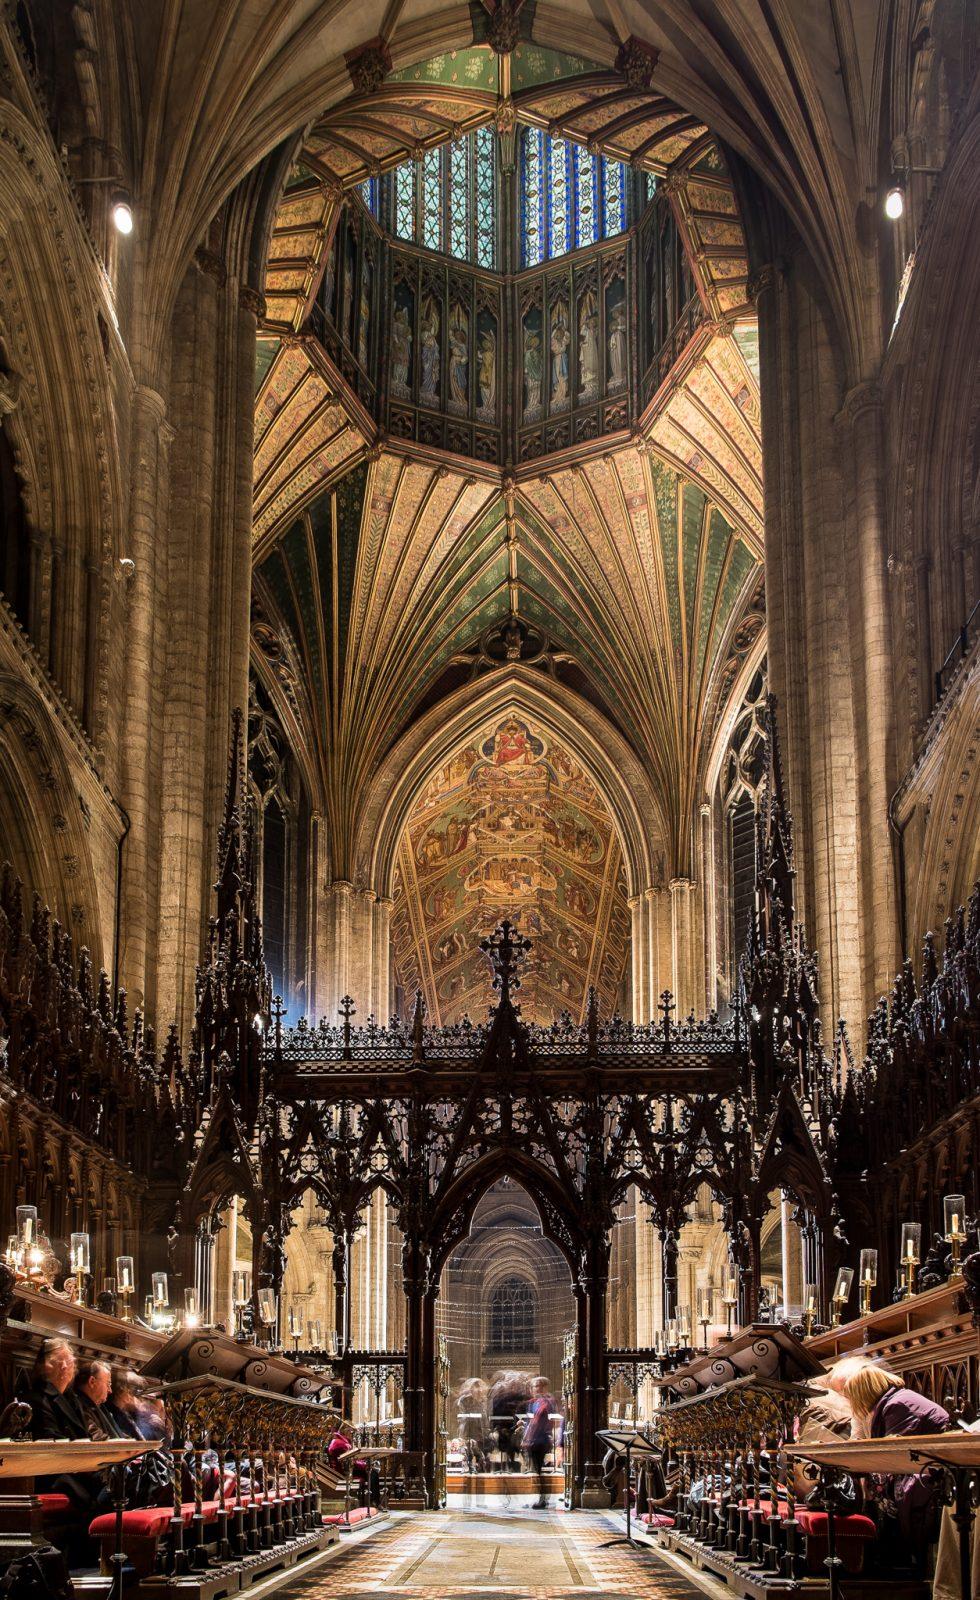 The Choir, a Lantern & the Nave